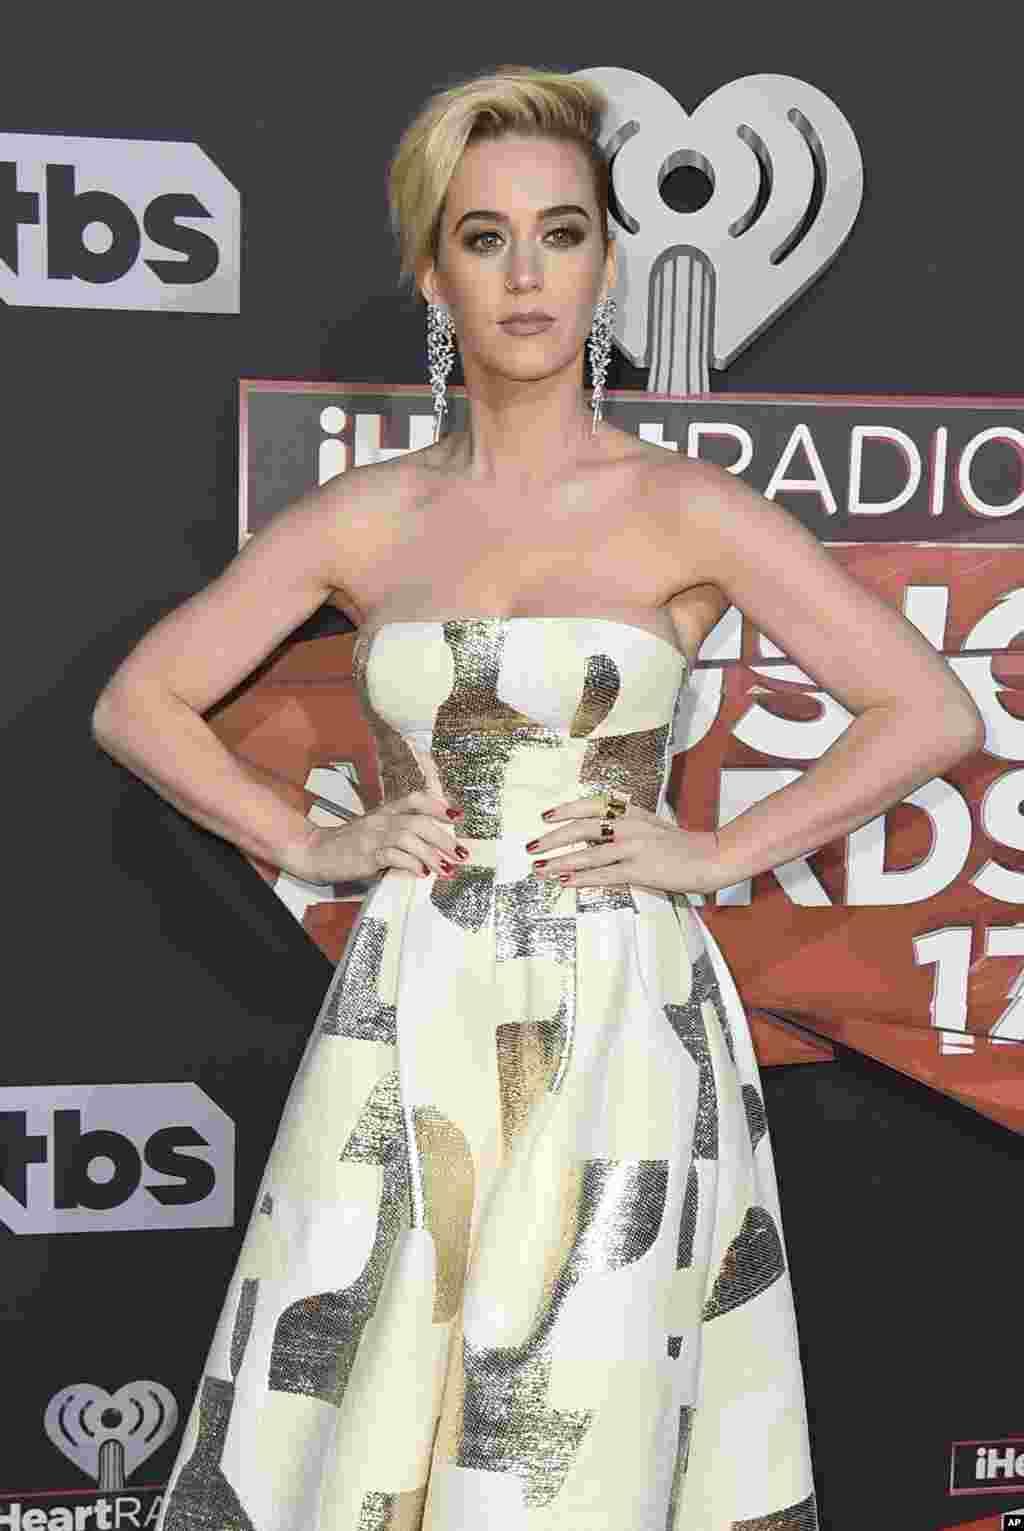 """美国歌星凯蒂·佩里(Katy Perry)在加州参加 iHeartRadio 音乐奖典礼(2017年3月5日)。目前仍然没有任何一方出面说明她和5位模特被拒签的原因,美国之音联系了""""维多利亚的秘密""""公司的媒体部门,但尚未获得回复。"""